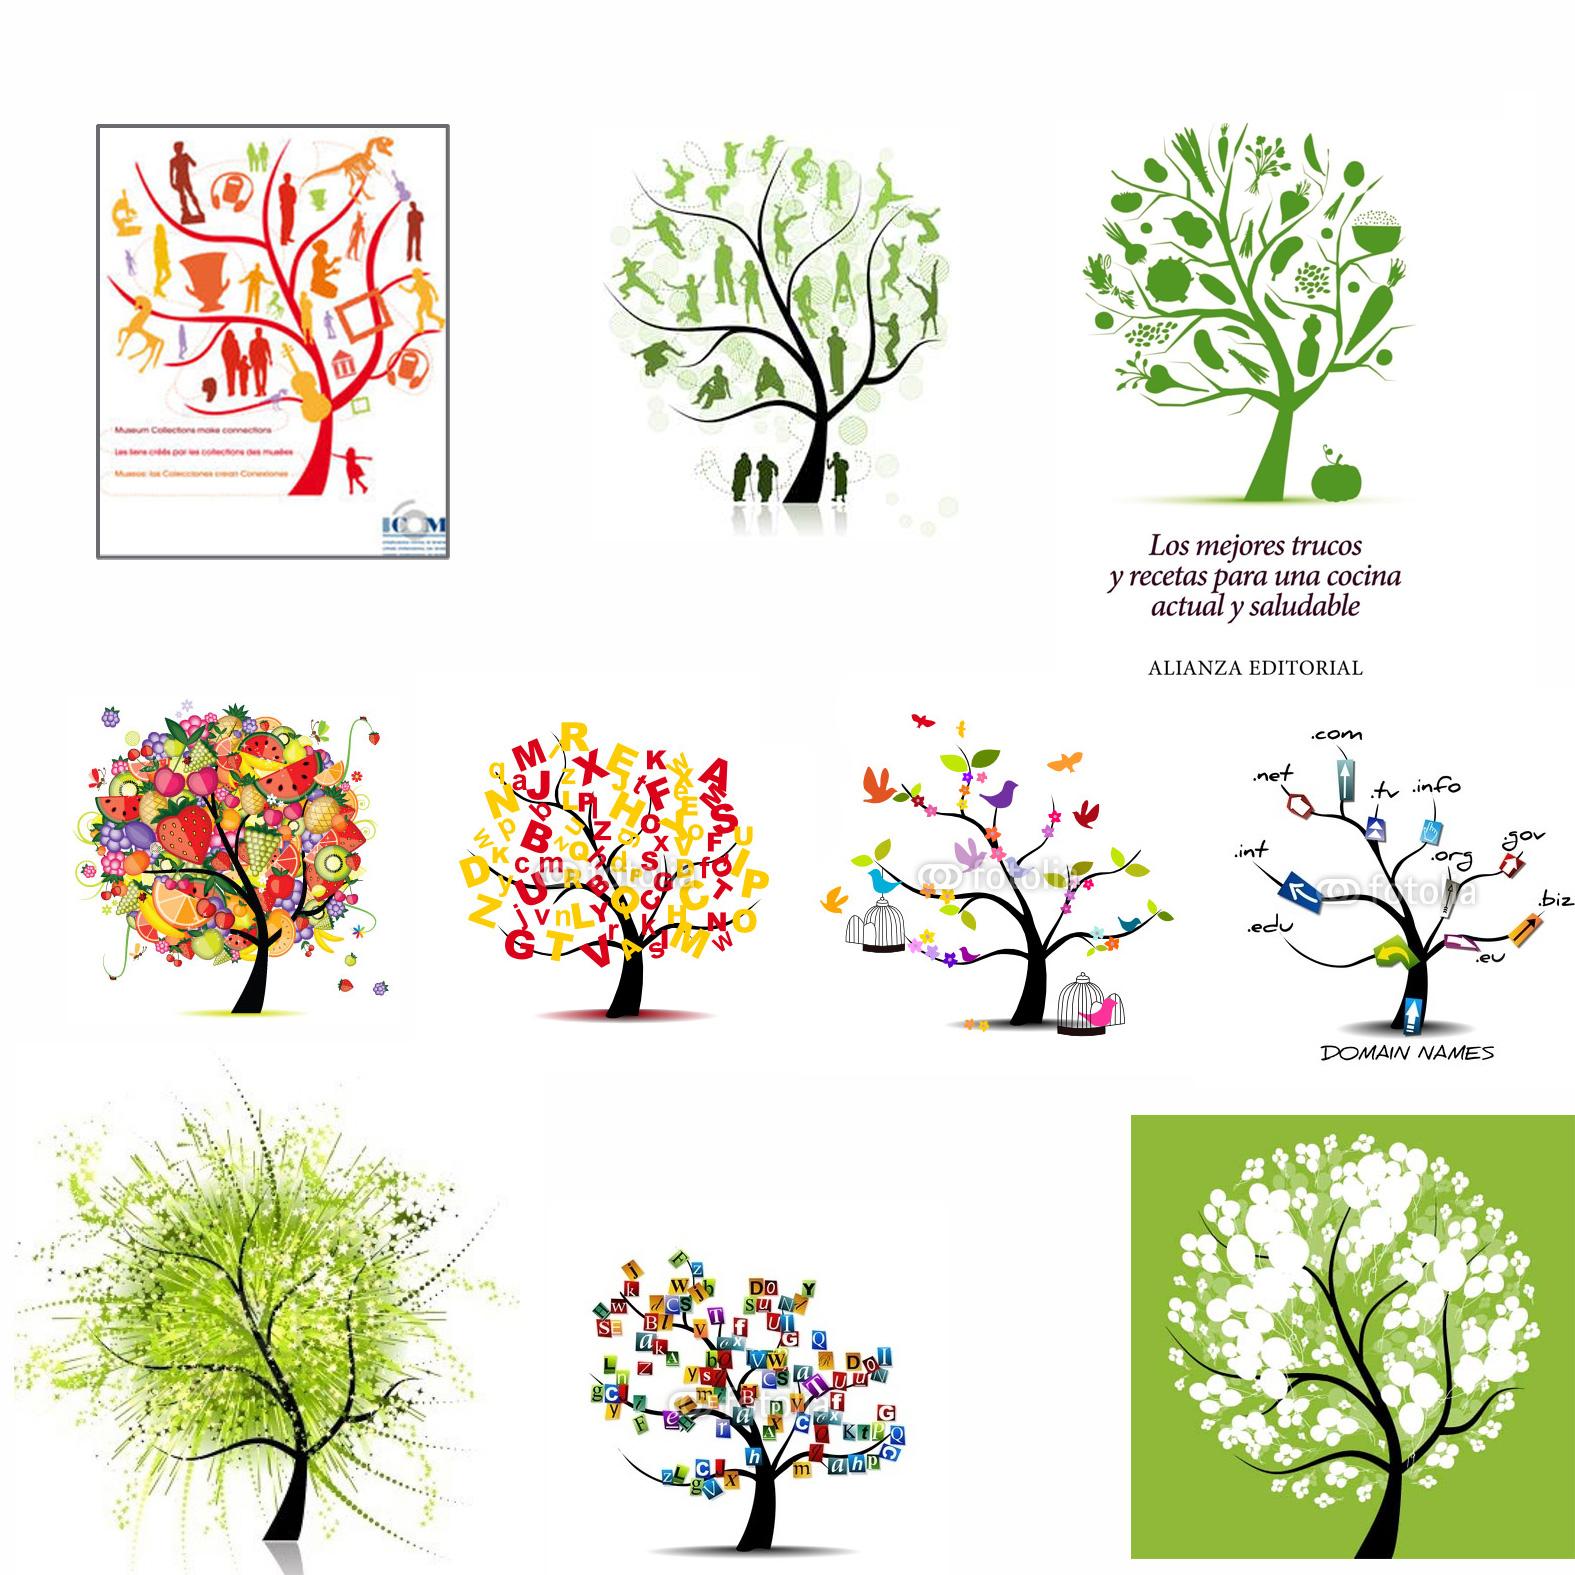 un bosque de mediocre, arboles, ICOM